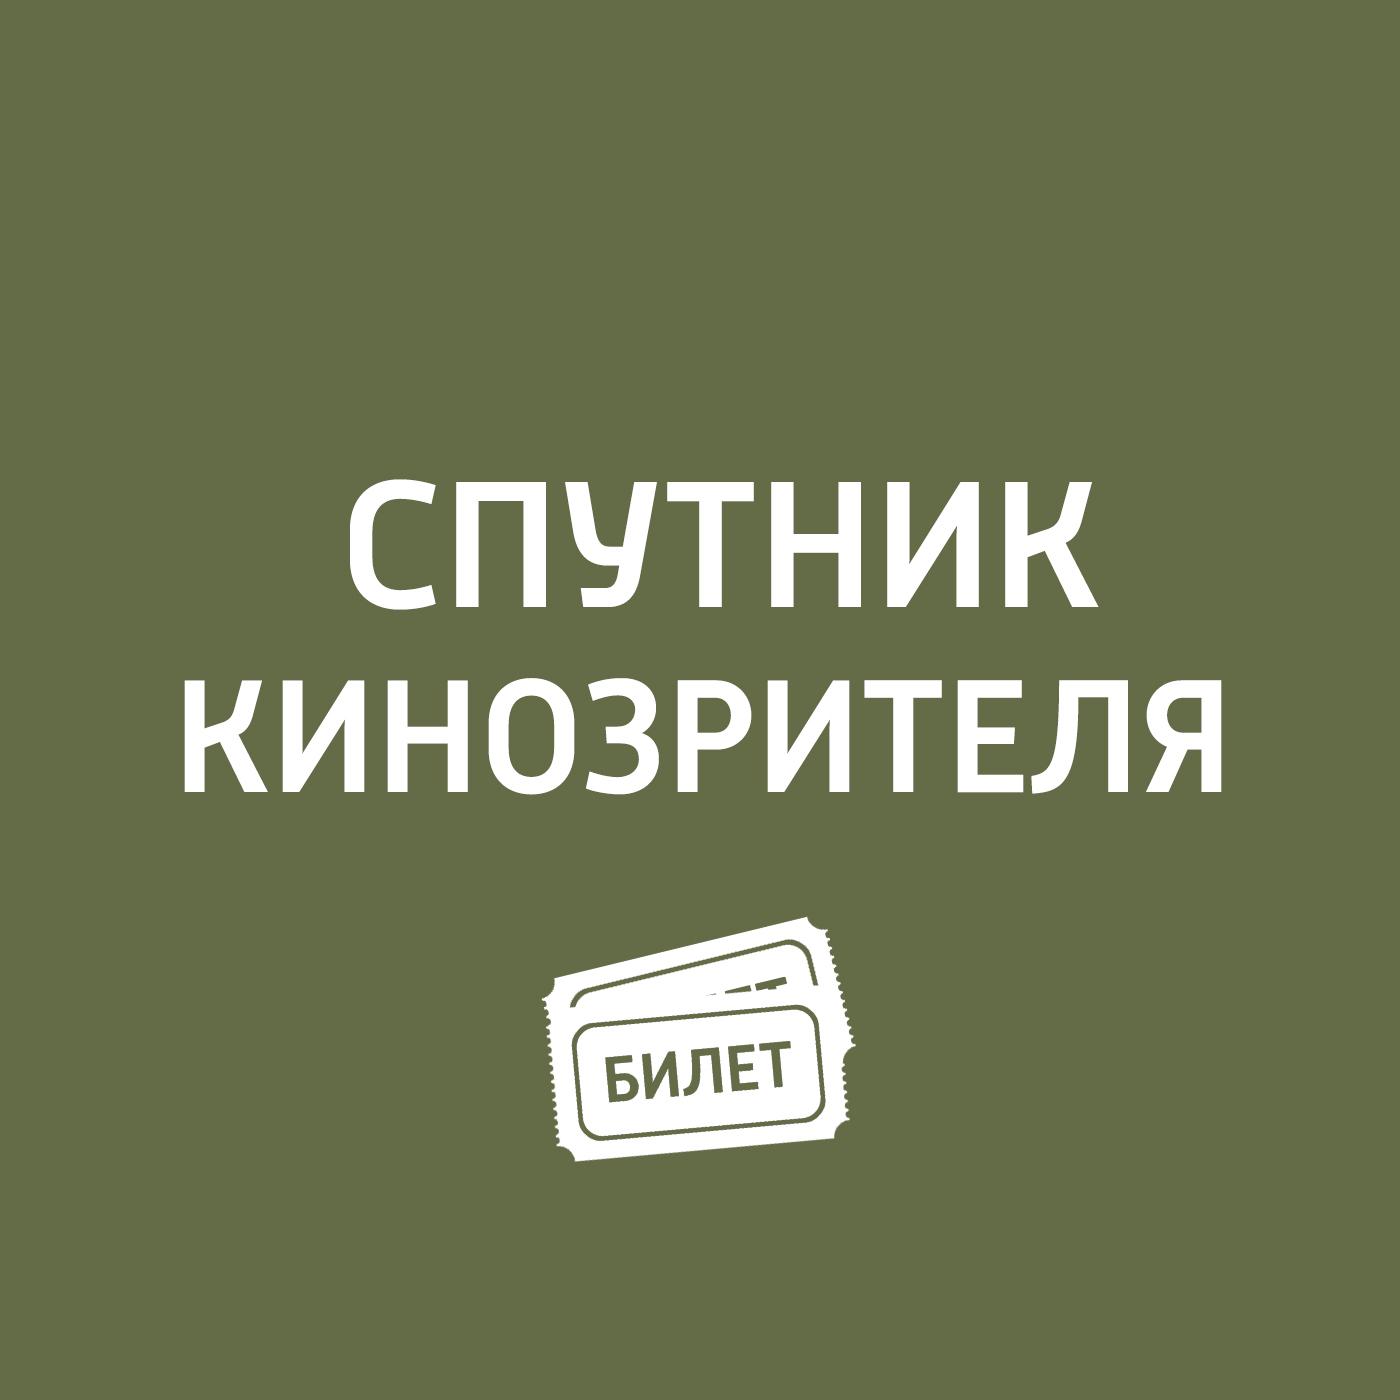 Антон Долин Новинки с 22 июня: «Трансформеры: Последний рыцарь